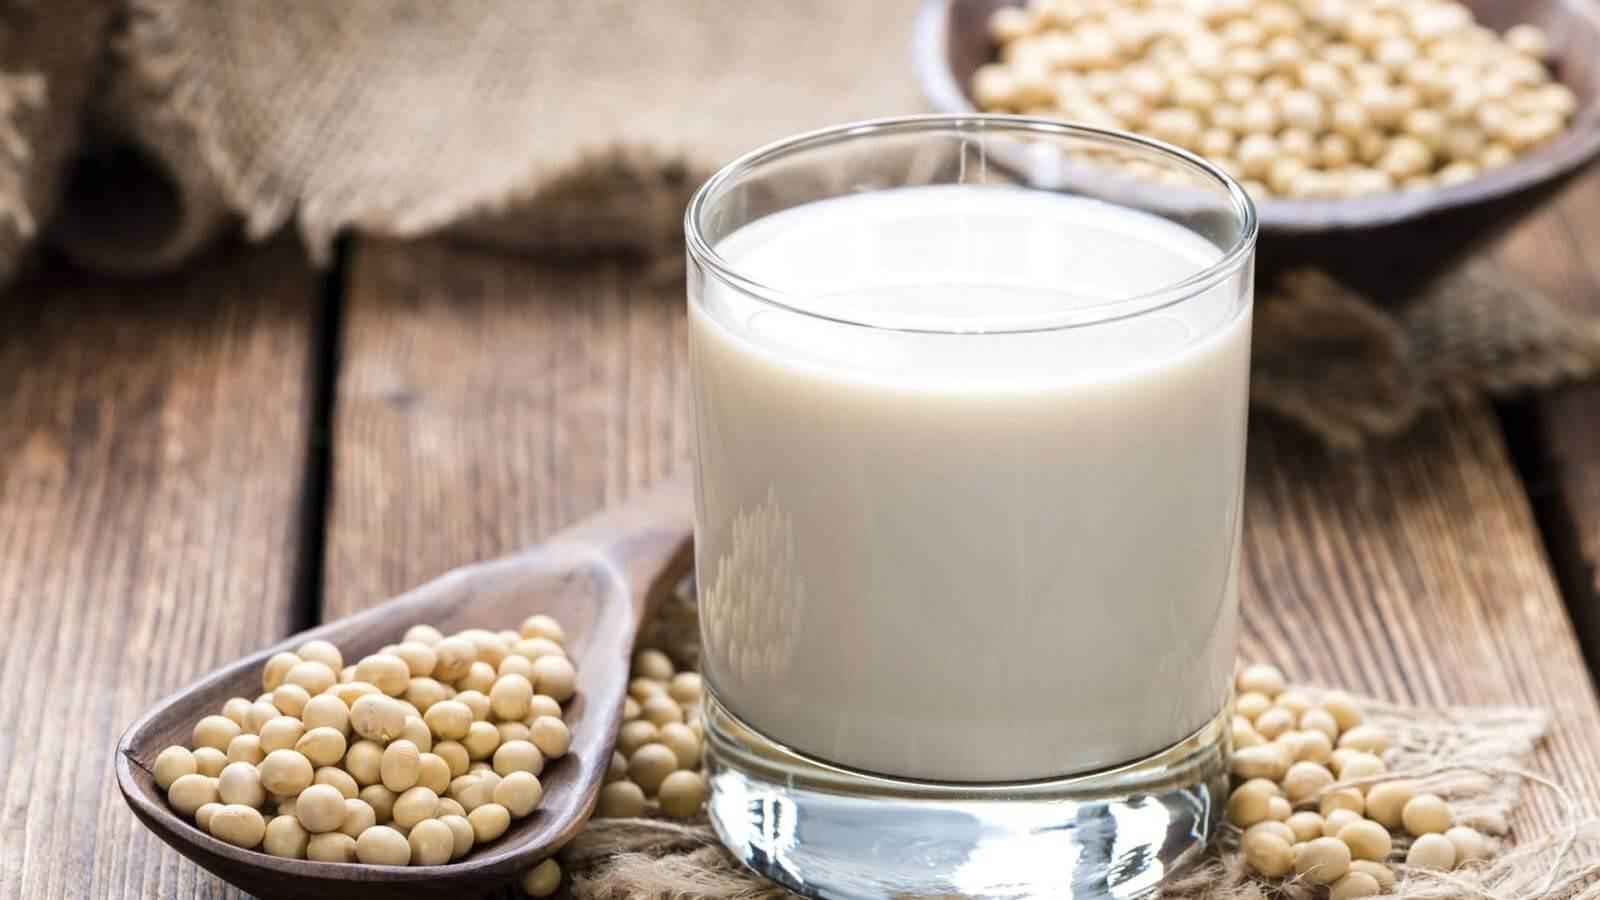 Uống sữa đậu nành thường xuyên có tốt không